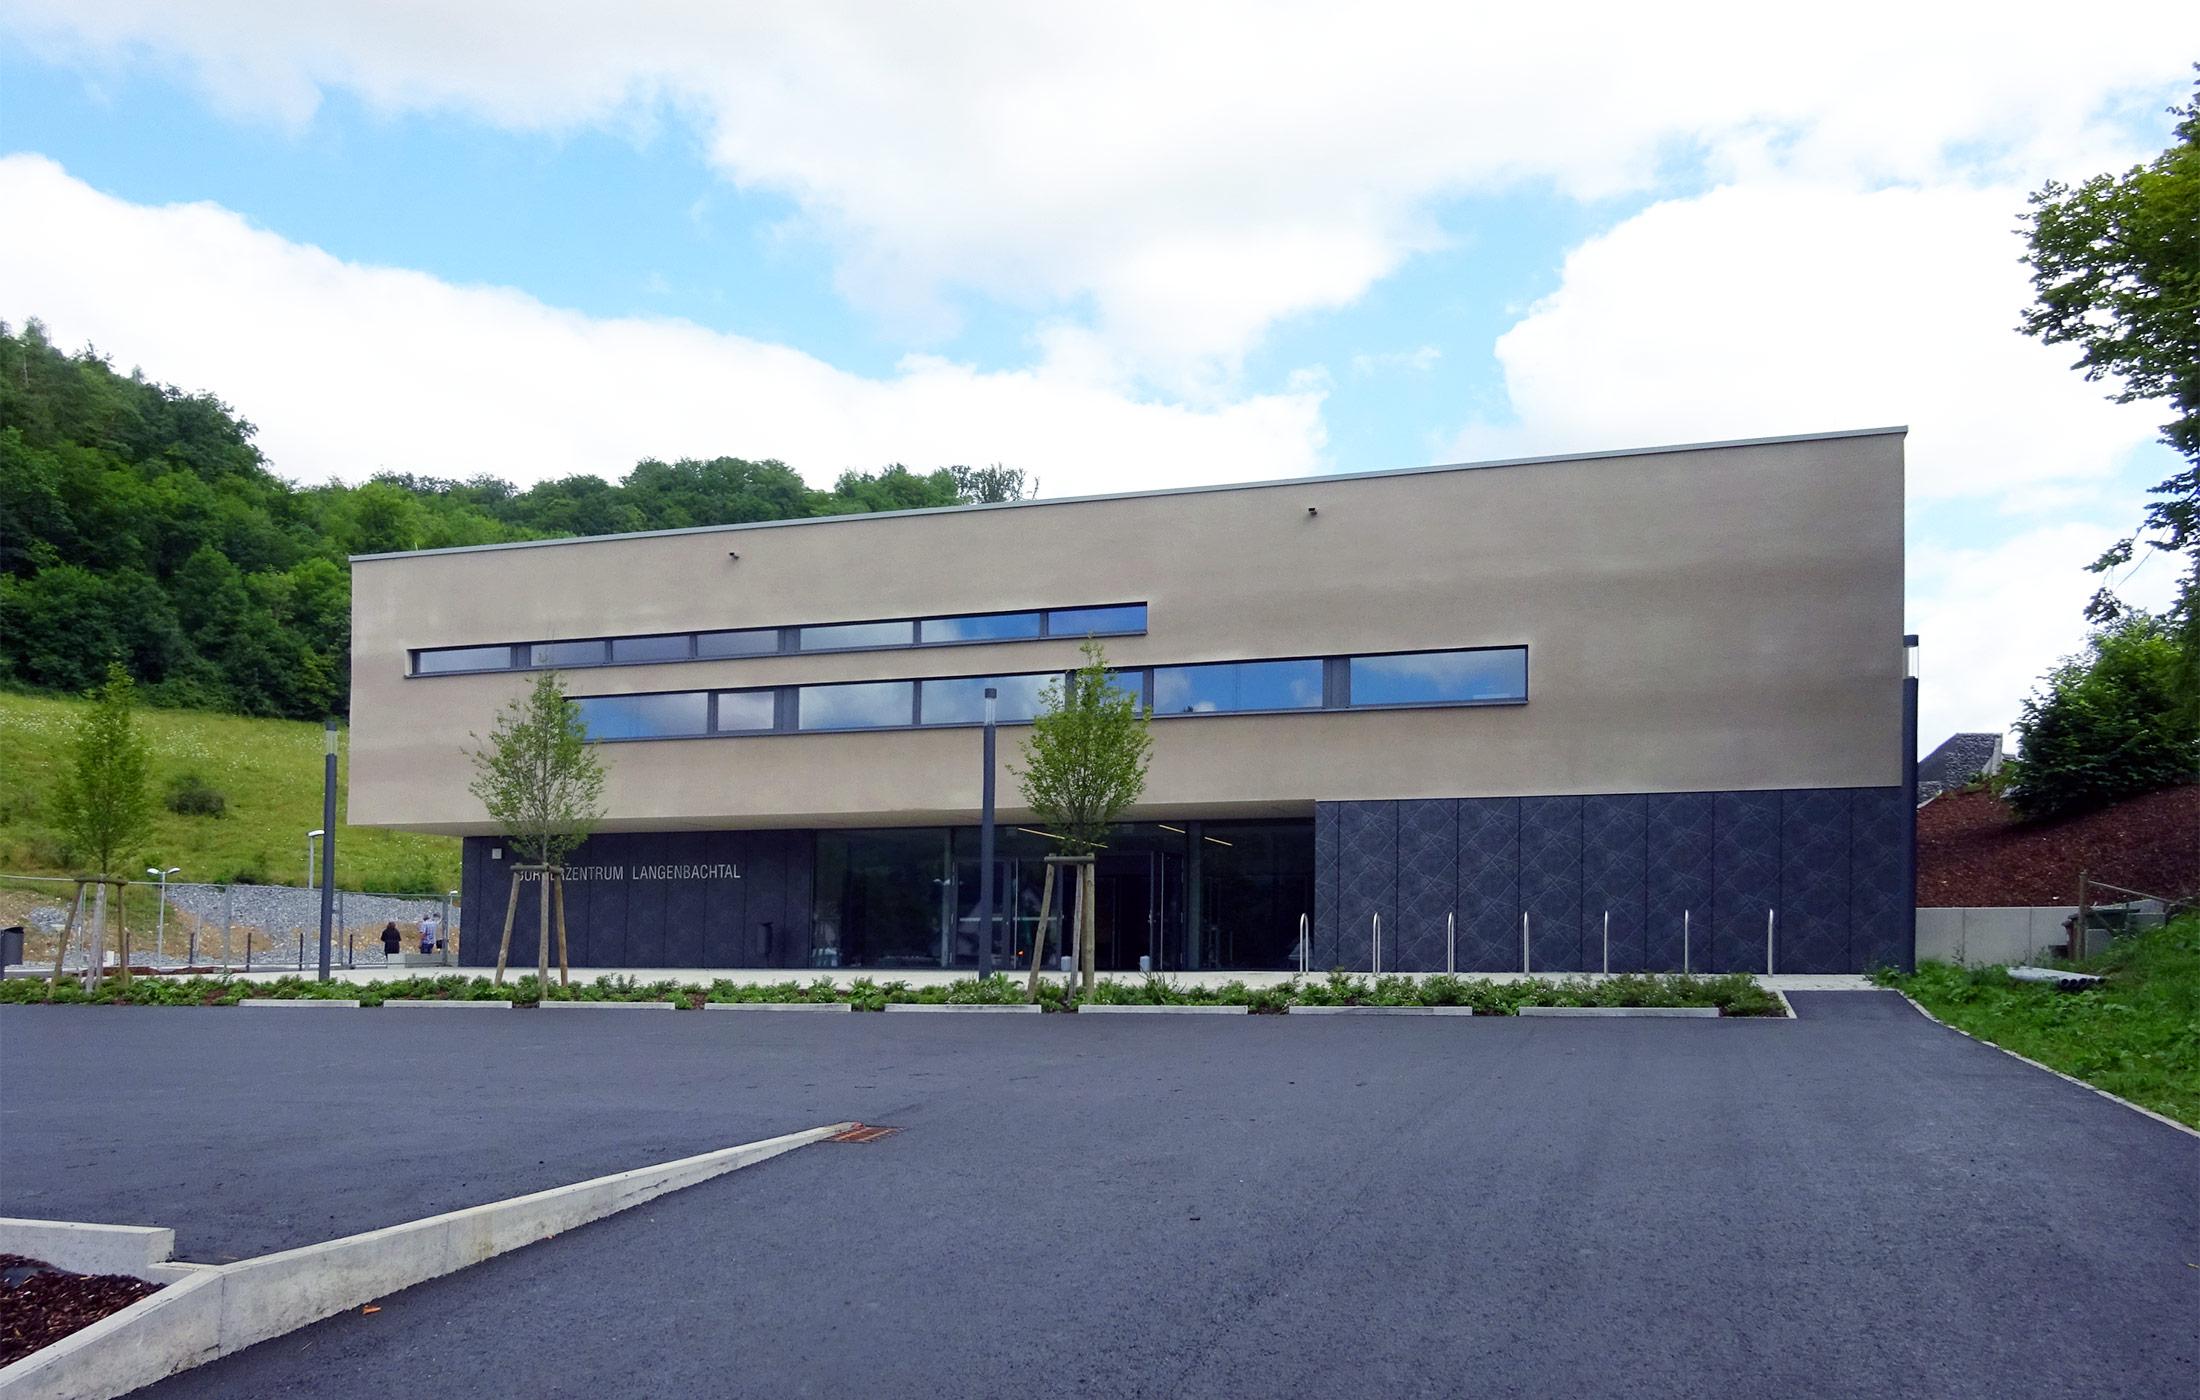 2017, Neubau Bürgerzentrum, Weißbach